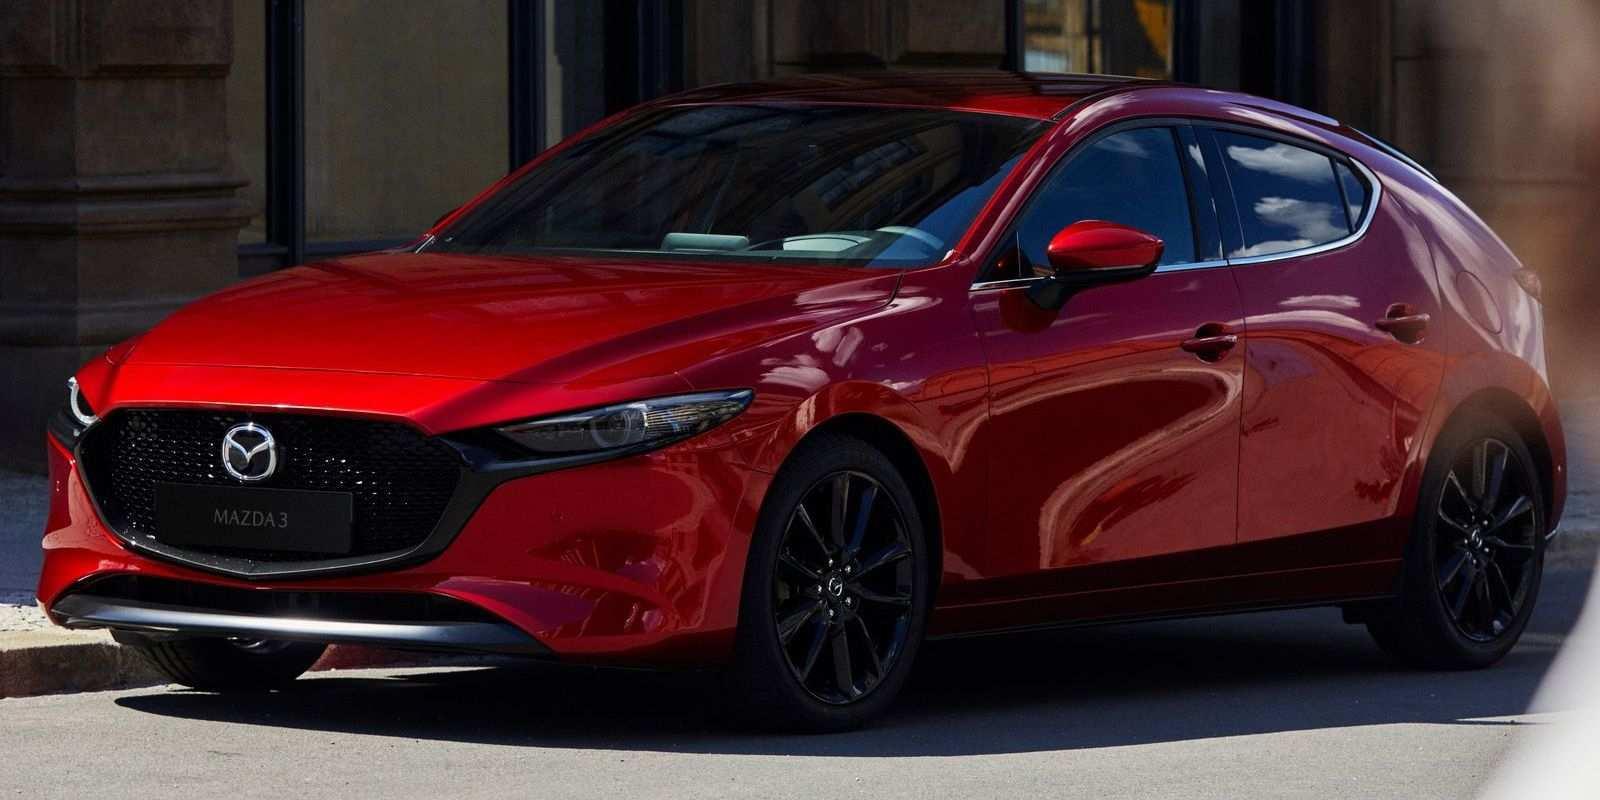 83 New Cuando Sale El Mazda 3 2019 Spesification with Cuando Sale El Mazda 3 2019